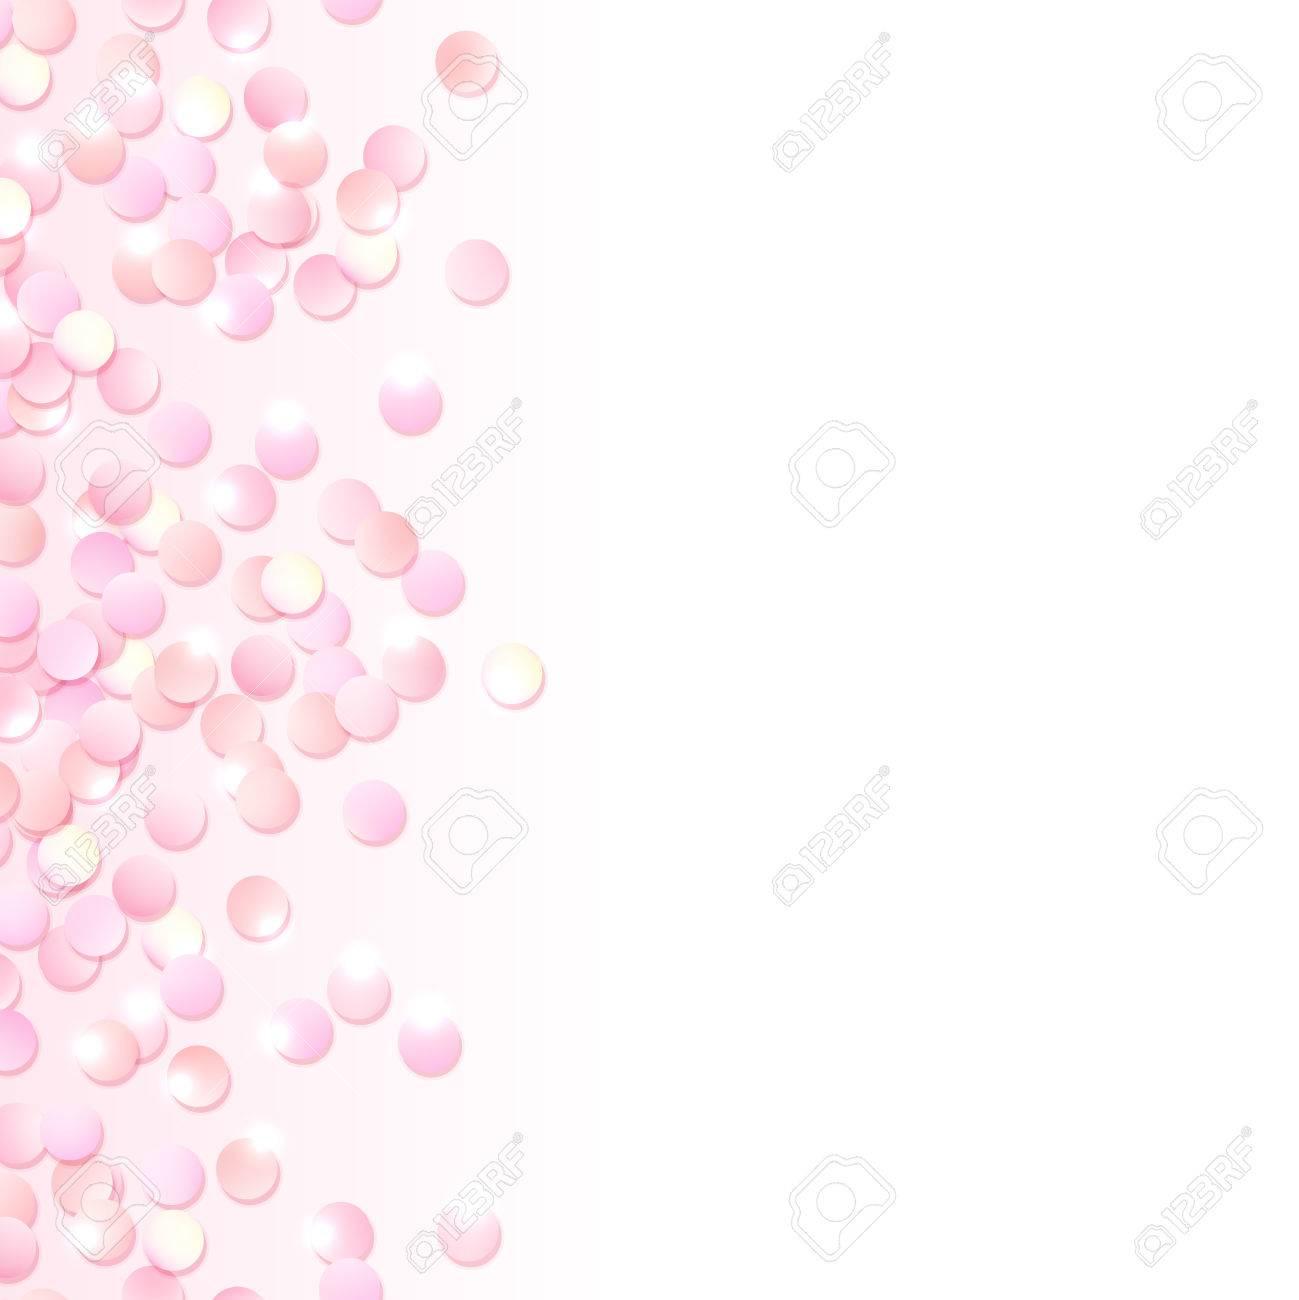 Nahtlose Grenze Der Rosa Realistische Konfetti, Design-Vorlage Für ...